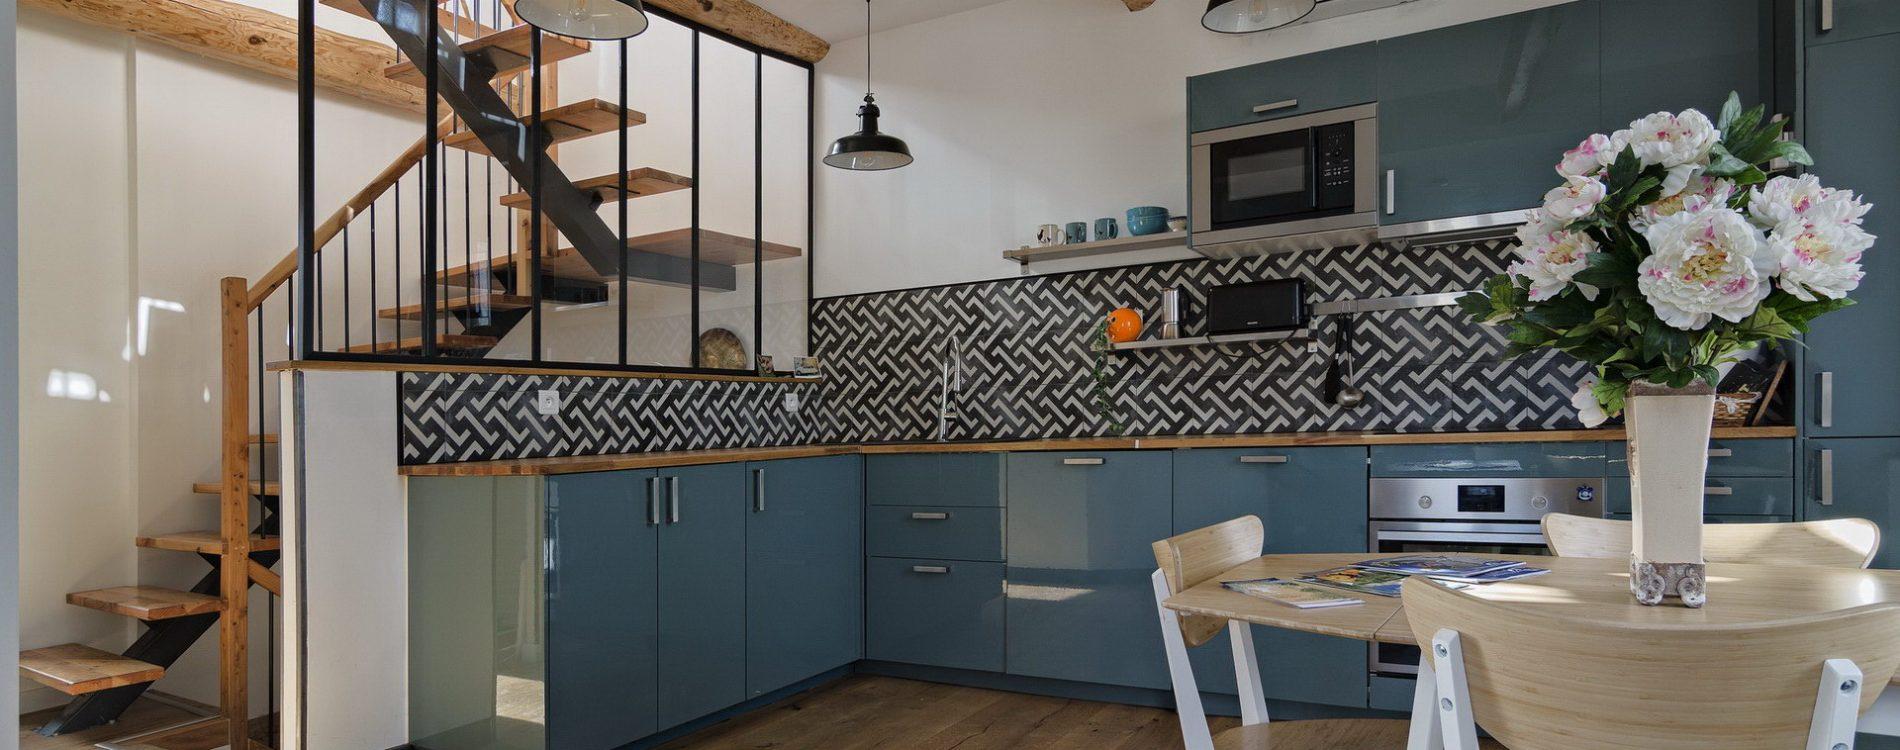 Appartement 4 personnes en location à forcalquier cuisine ouverte équipée